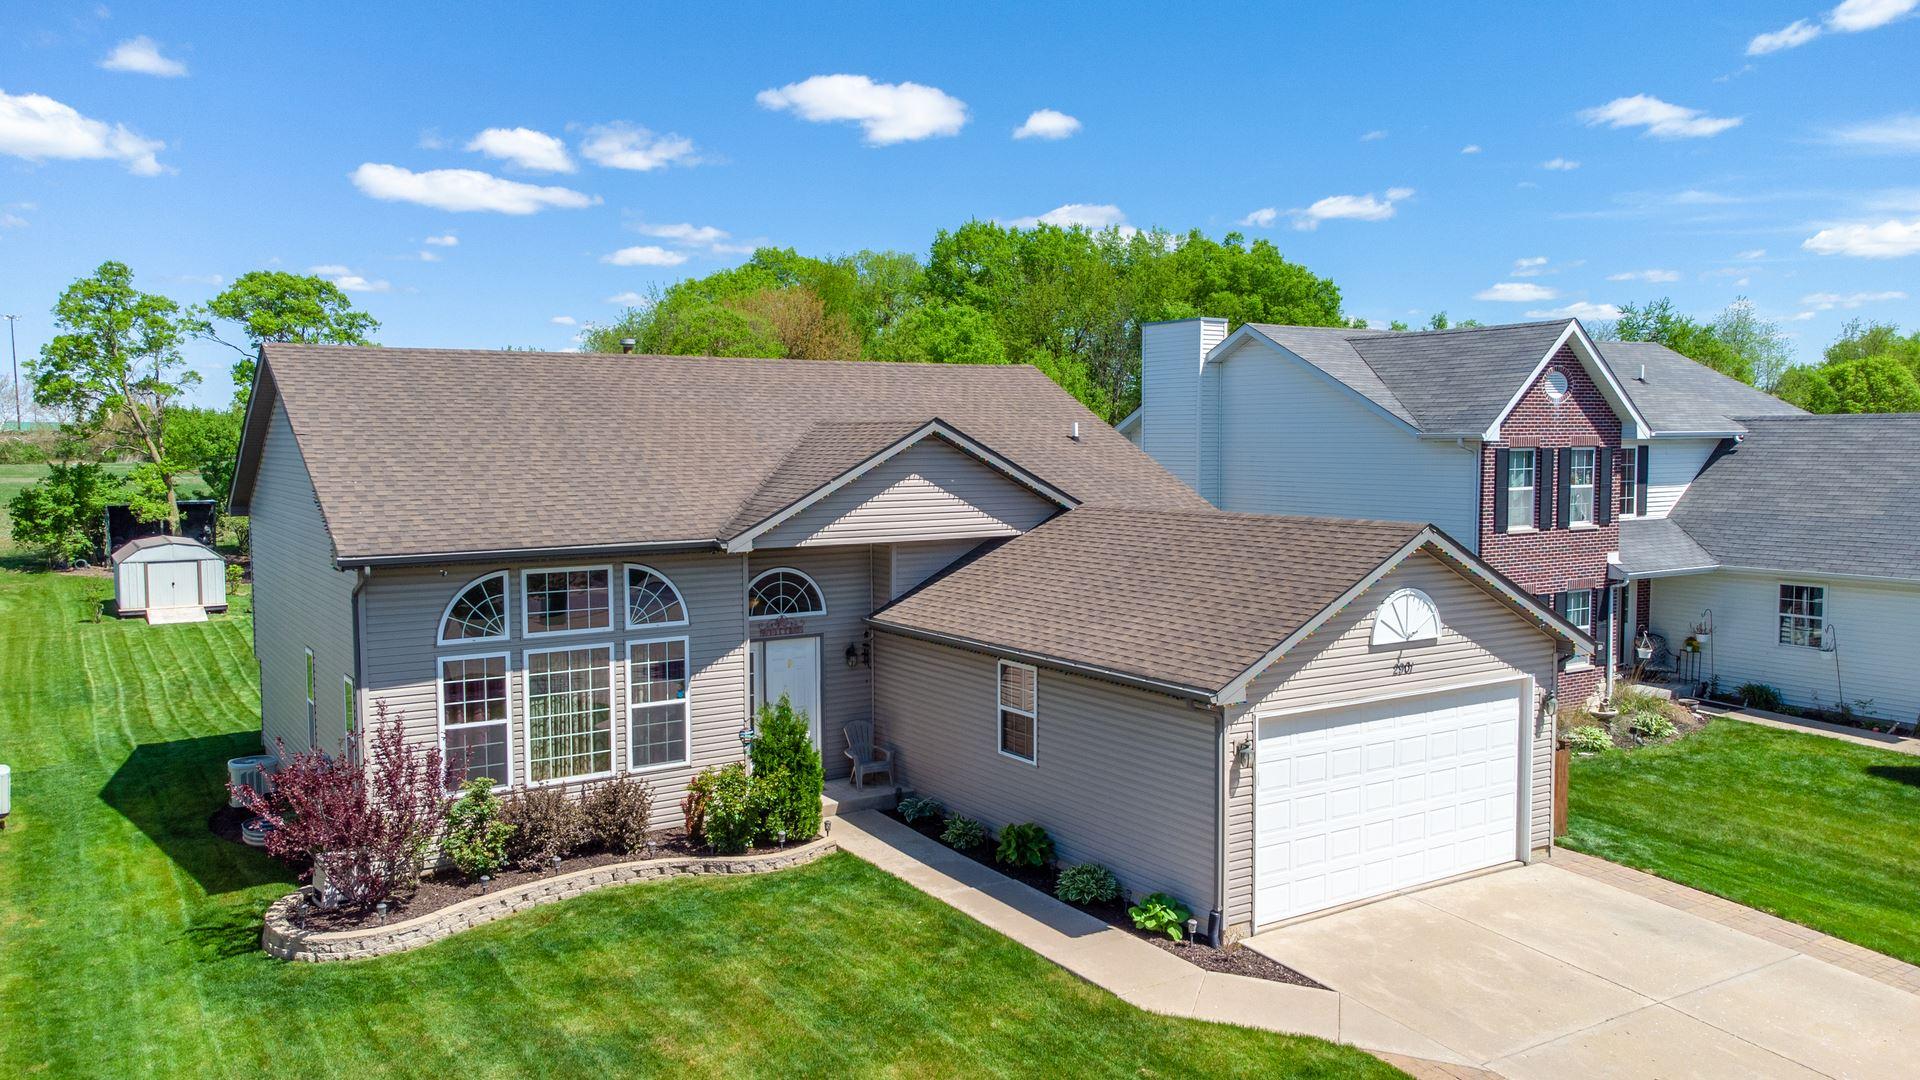 Photo of 2901 BLOOMFIELD Drive, Joliet, IL 60436 (MLS # 11077970)